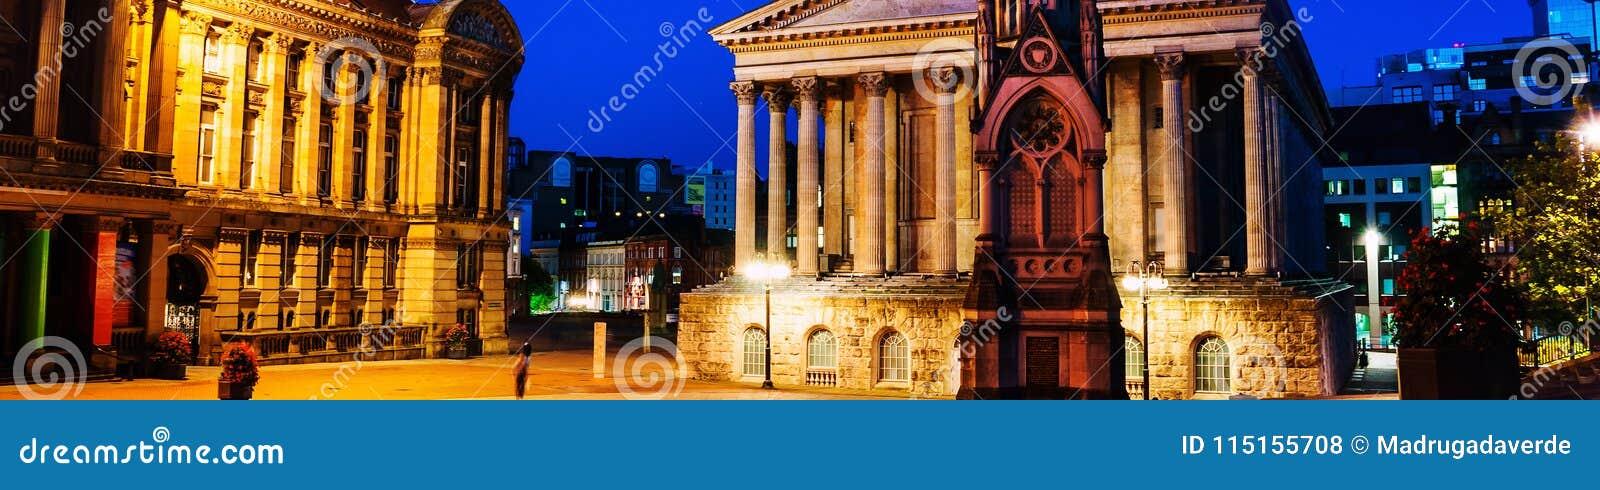 Τετράγωνο αρχιθαλαμηπόλων τη νύχτα με το φωτισμένο μνημείο Δημαρχείων και αρχιθαλαμηπόλων στο Μπέρμιγχαμ, UK